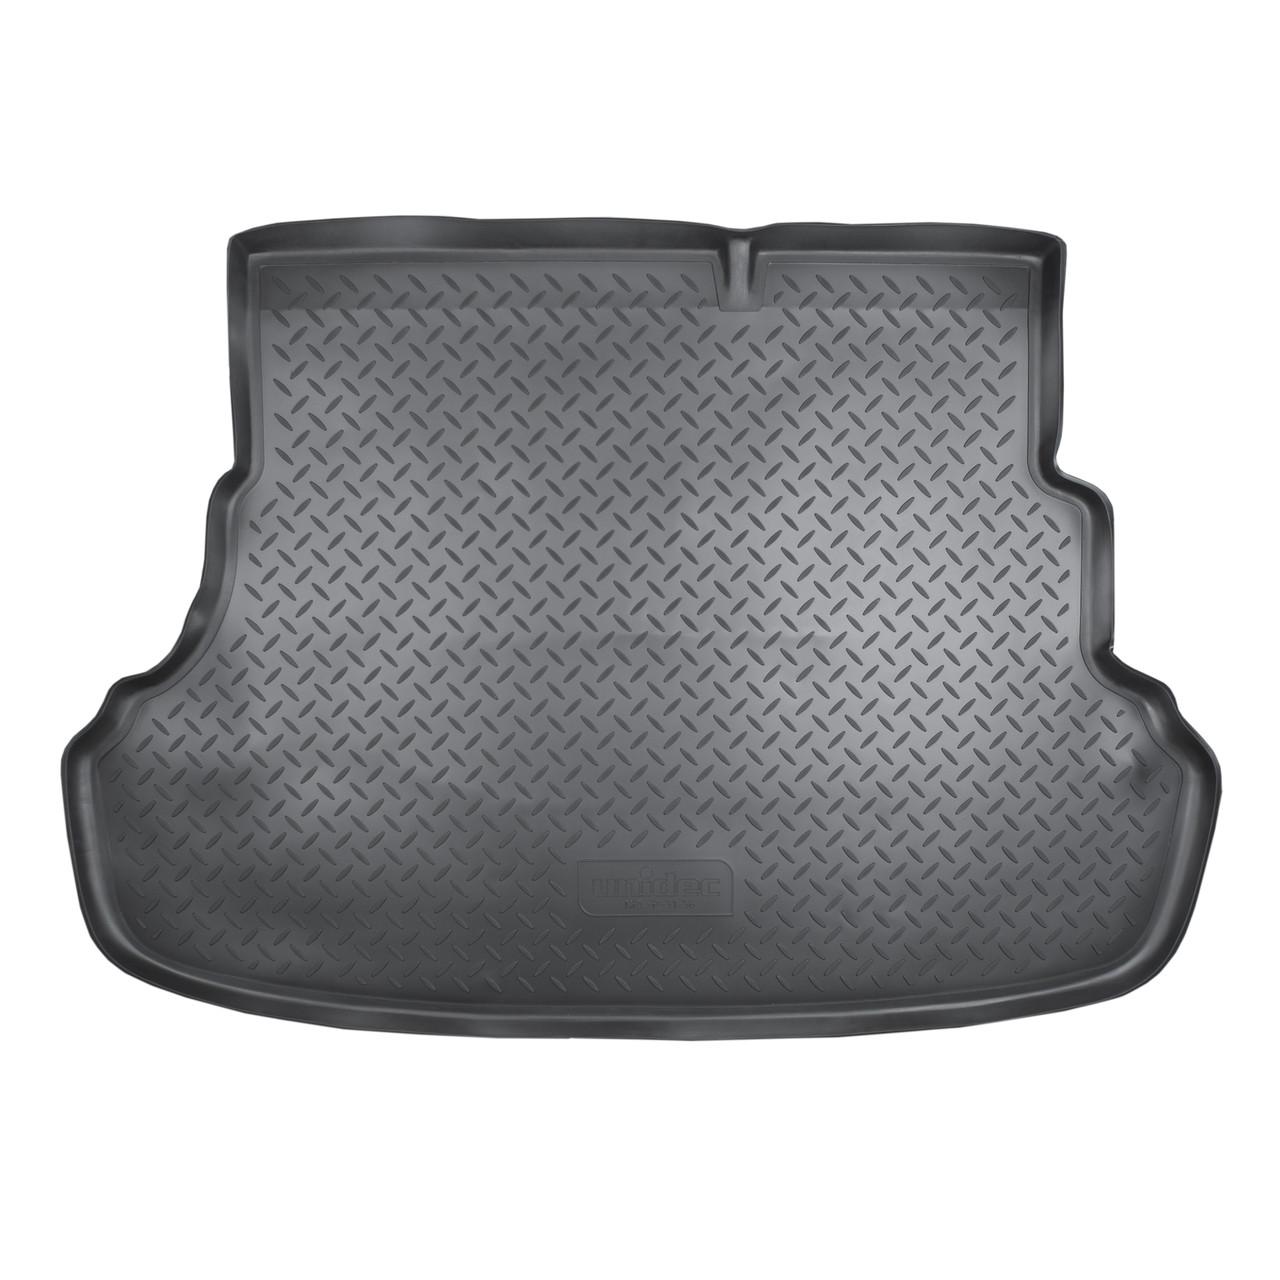 Коврик в багажник Hyundai Solaris SD (2010-2016) ( для а/м со складывающимися сидениями)